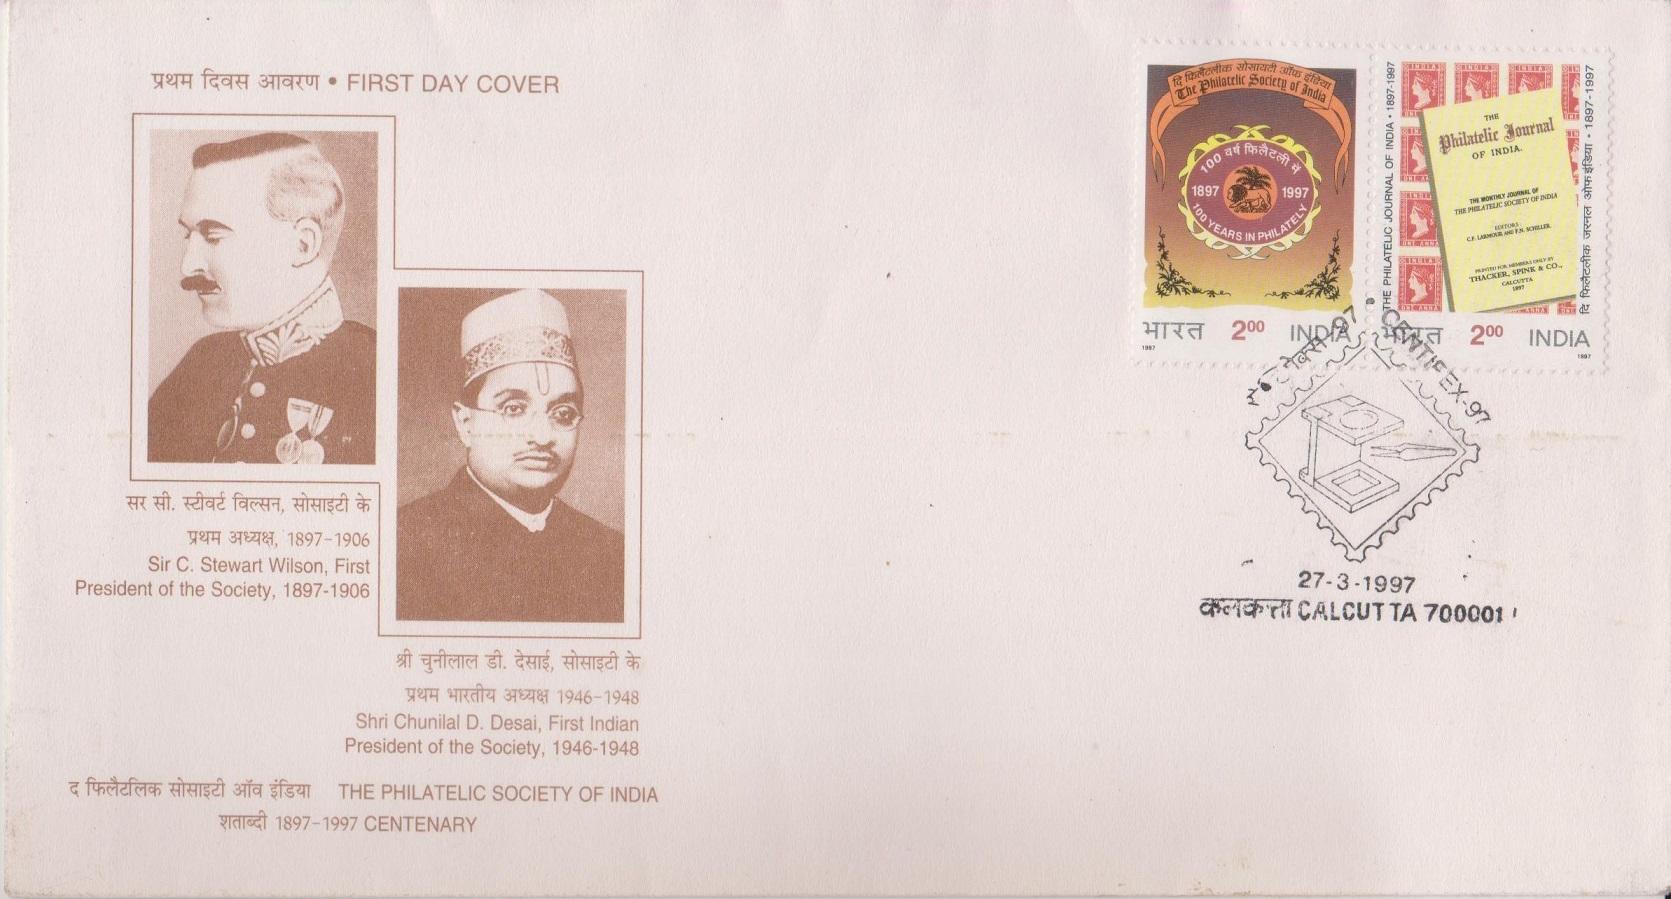 Sir C. Stewart Wilson, Shri Chunilal D. Desai